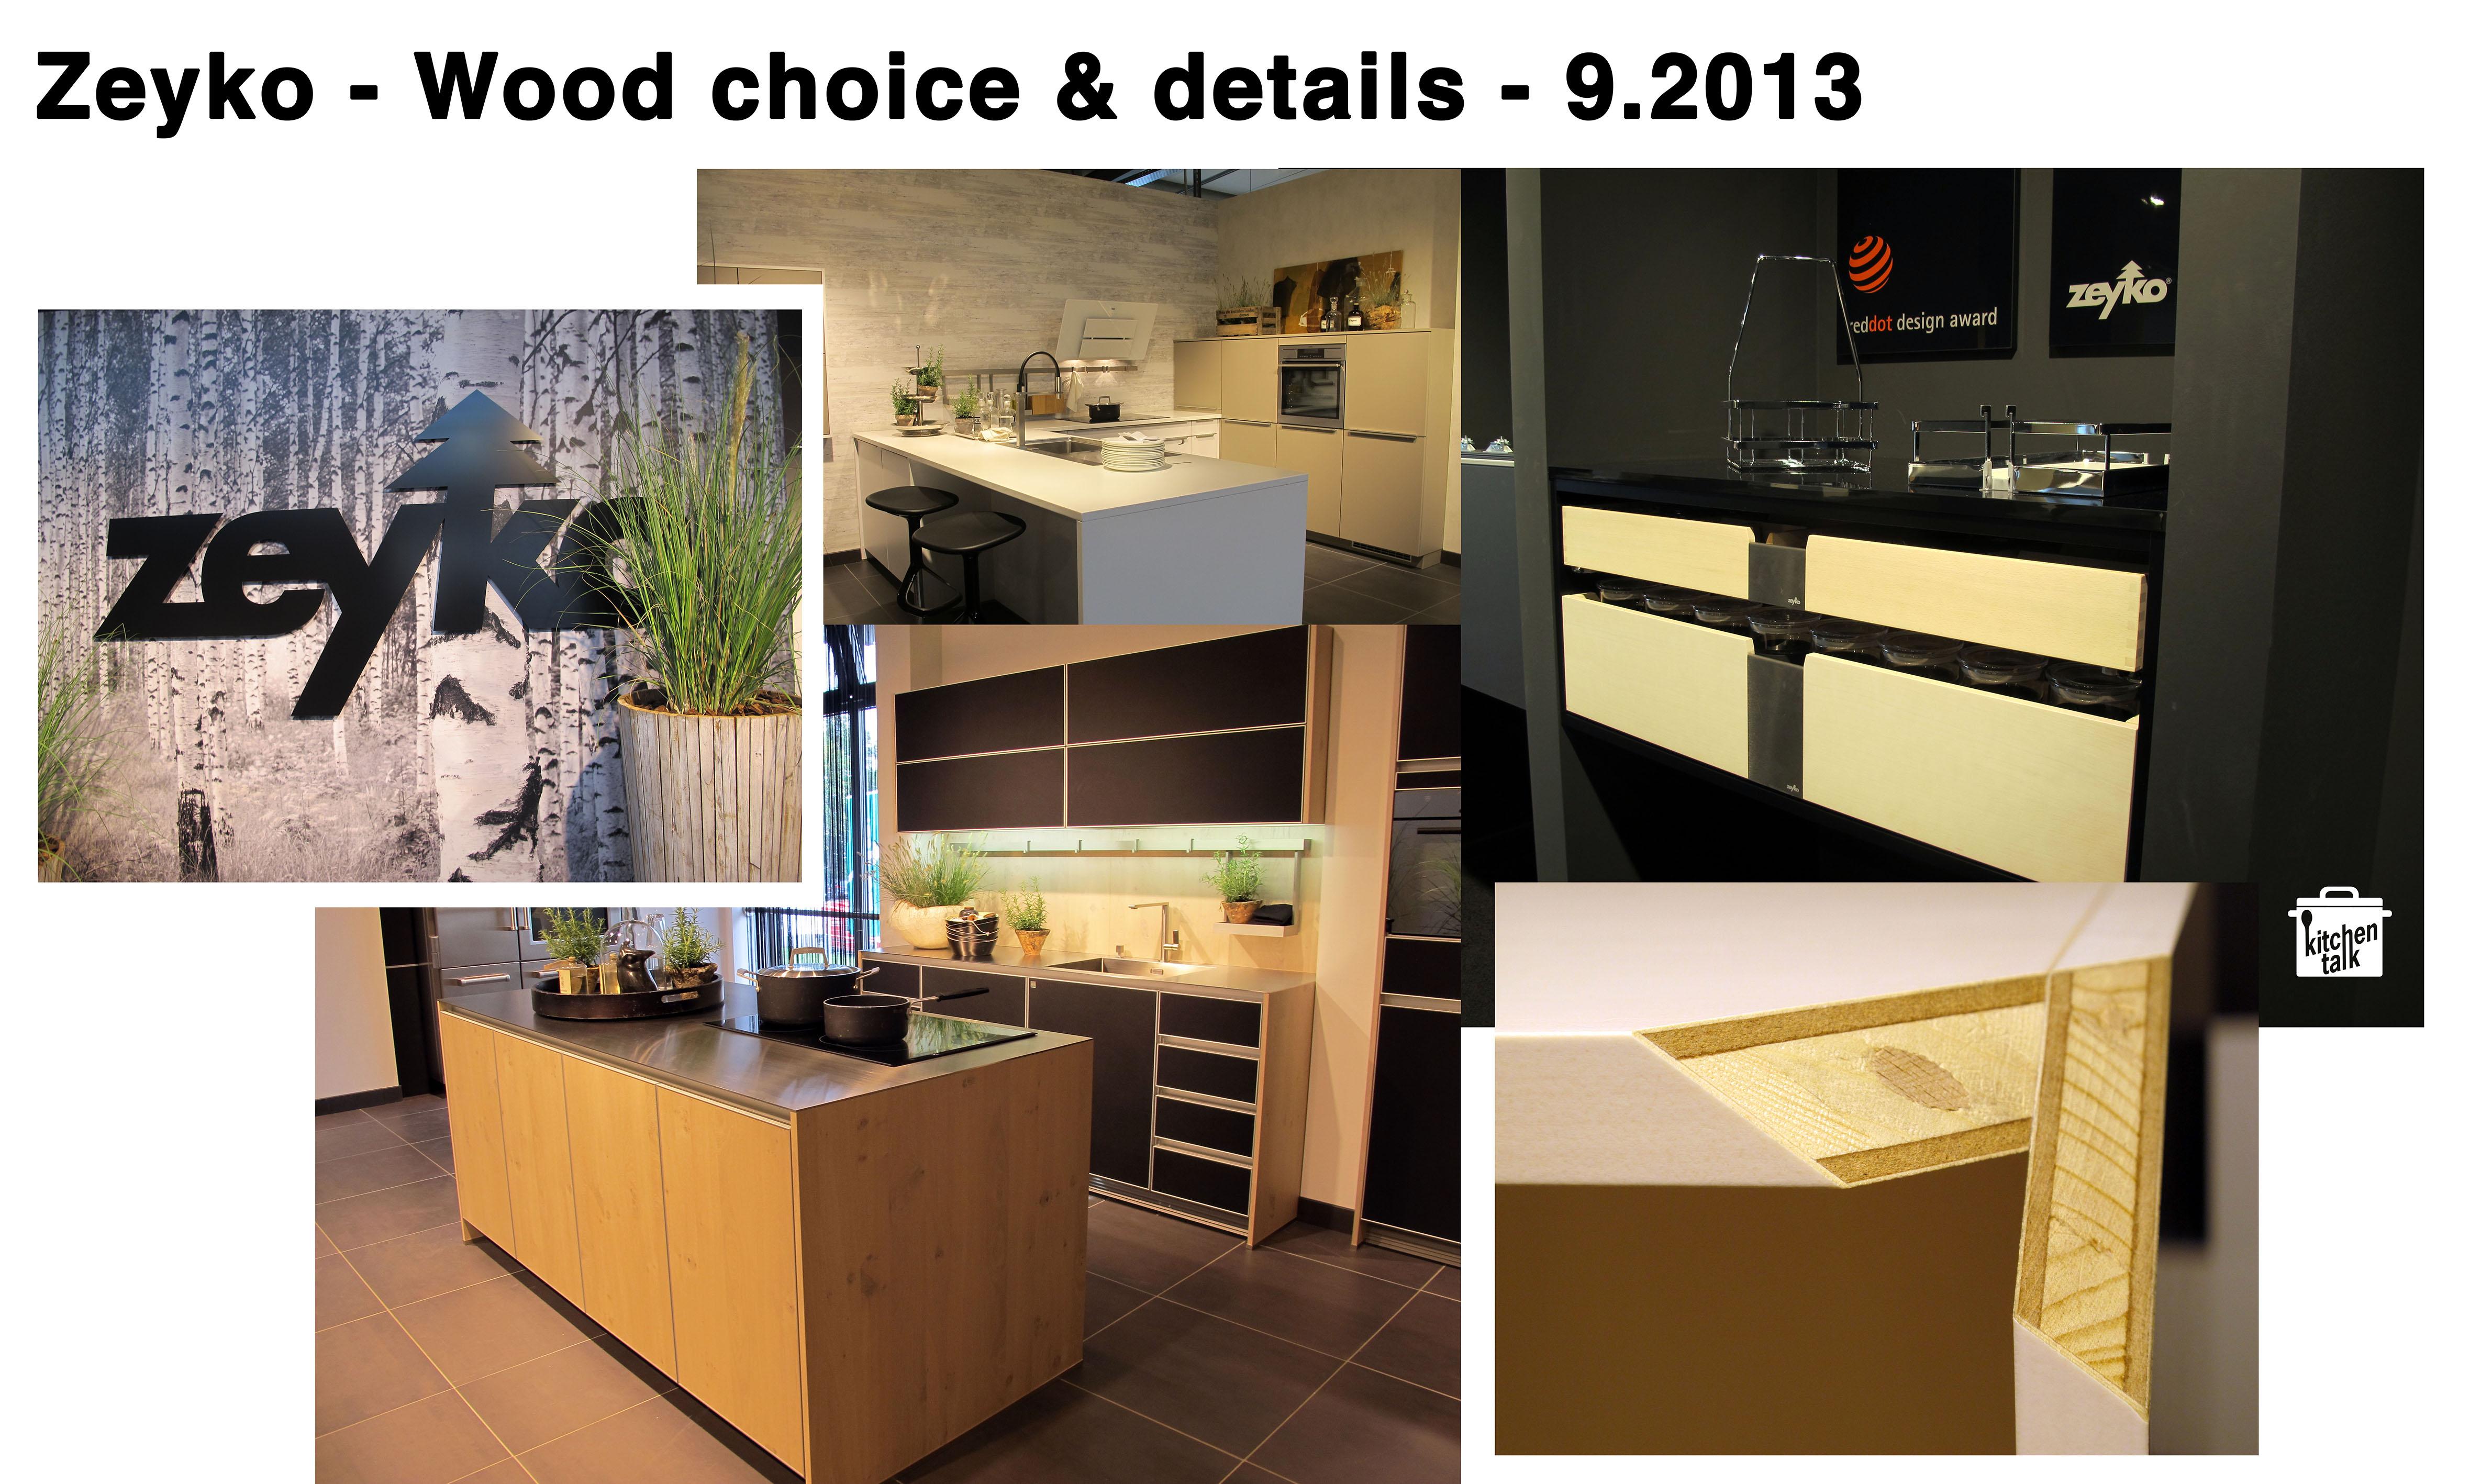 kche zeyko trendy top elegant best zeyko kchen preise kchen mnchen einbaukchen ihr k with. Black Bedroom Furniture Sets. Home Design Ideas